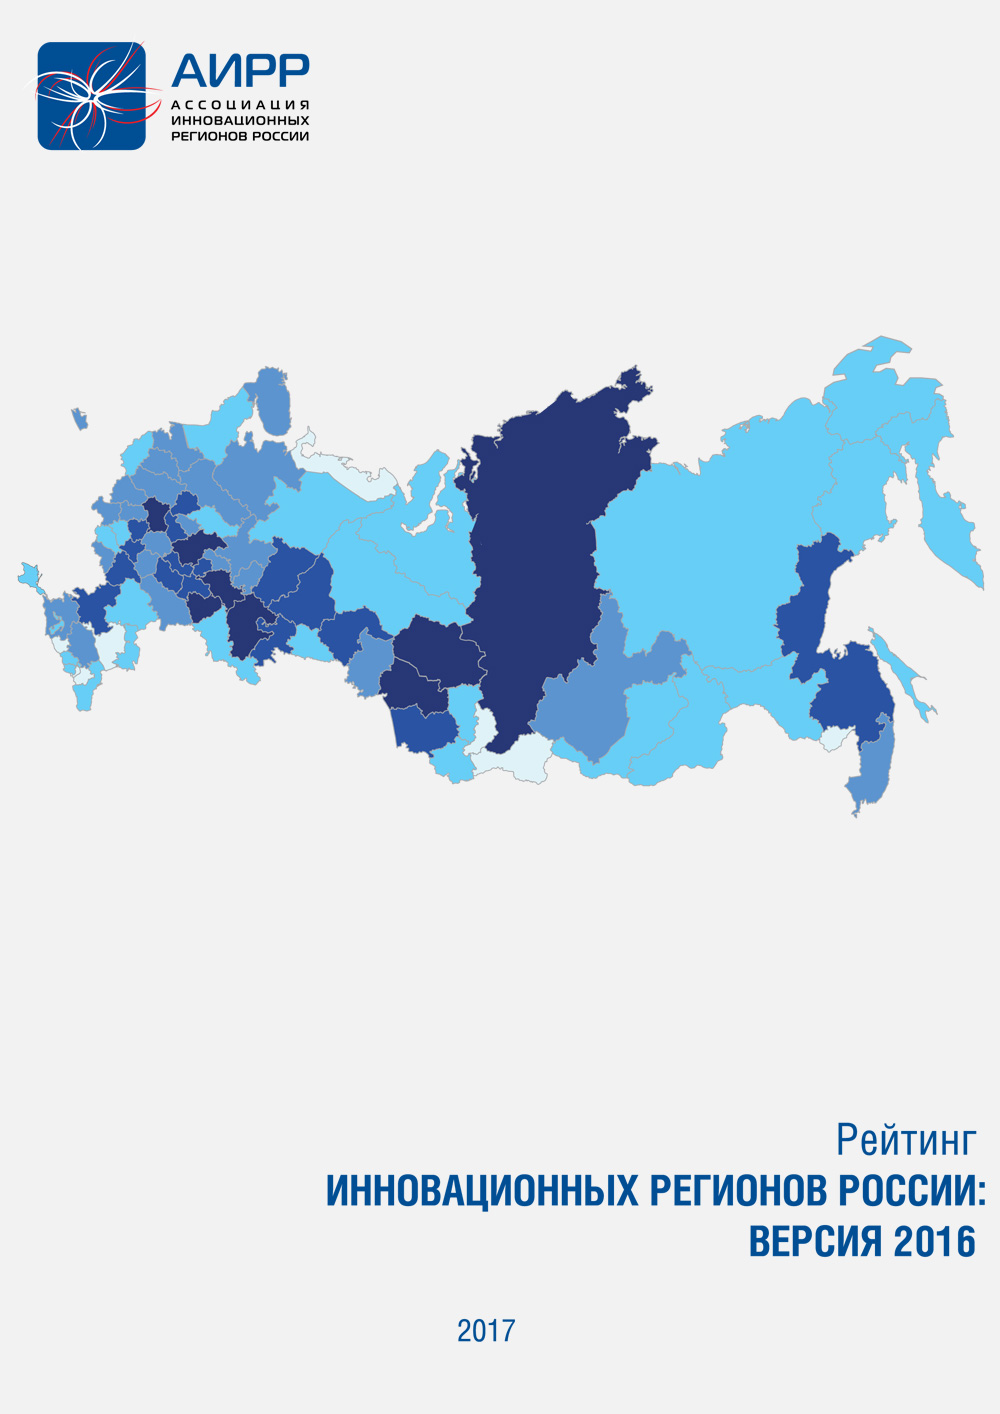 Рейтинг инновационных регионов России 2016